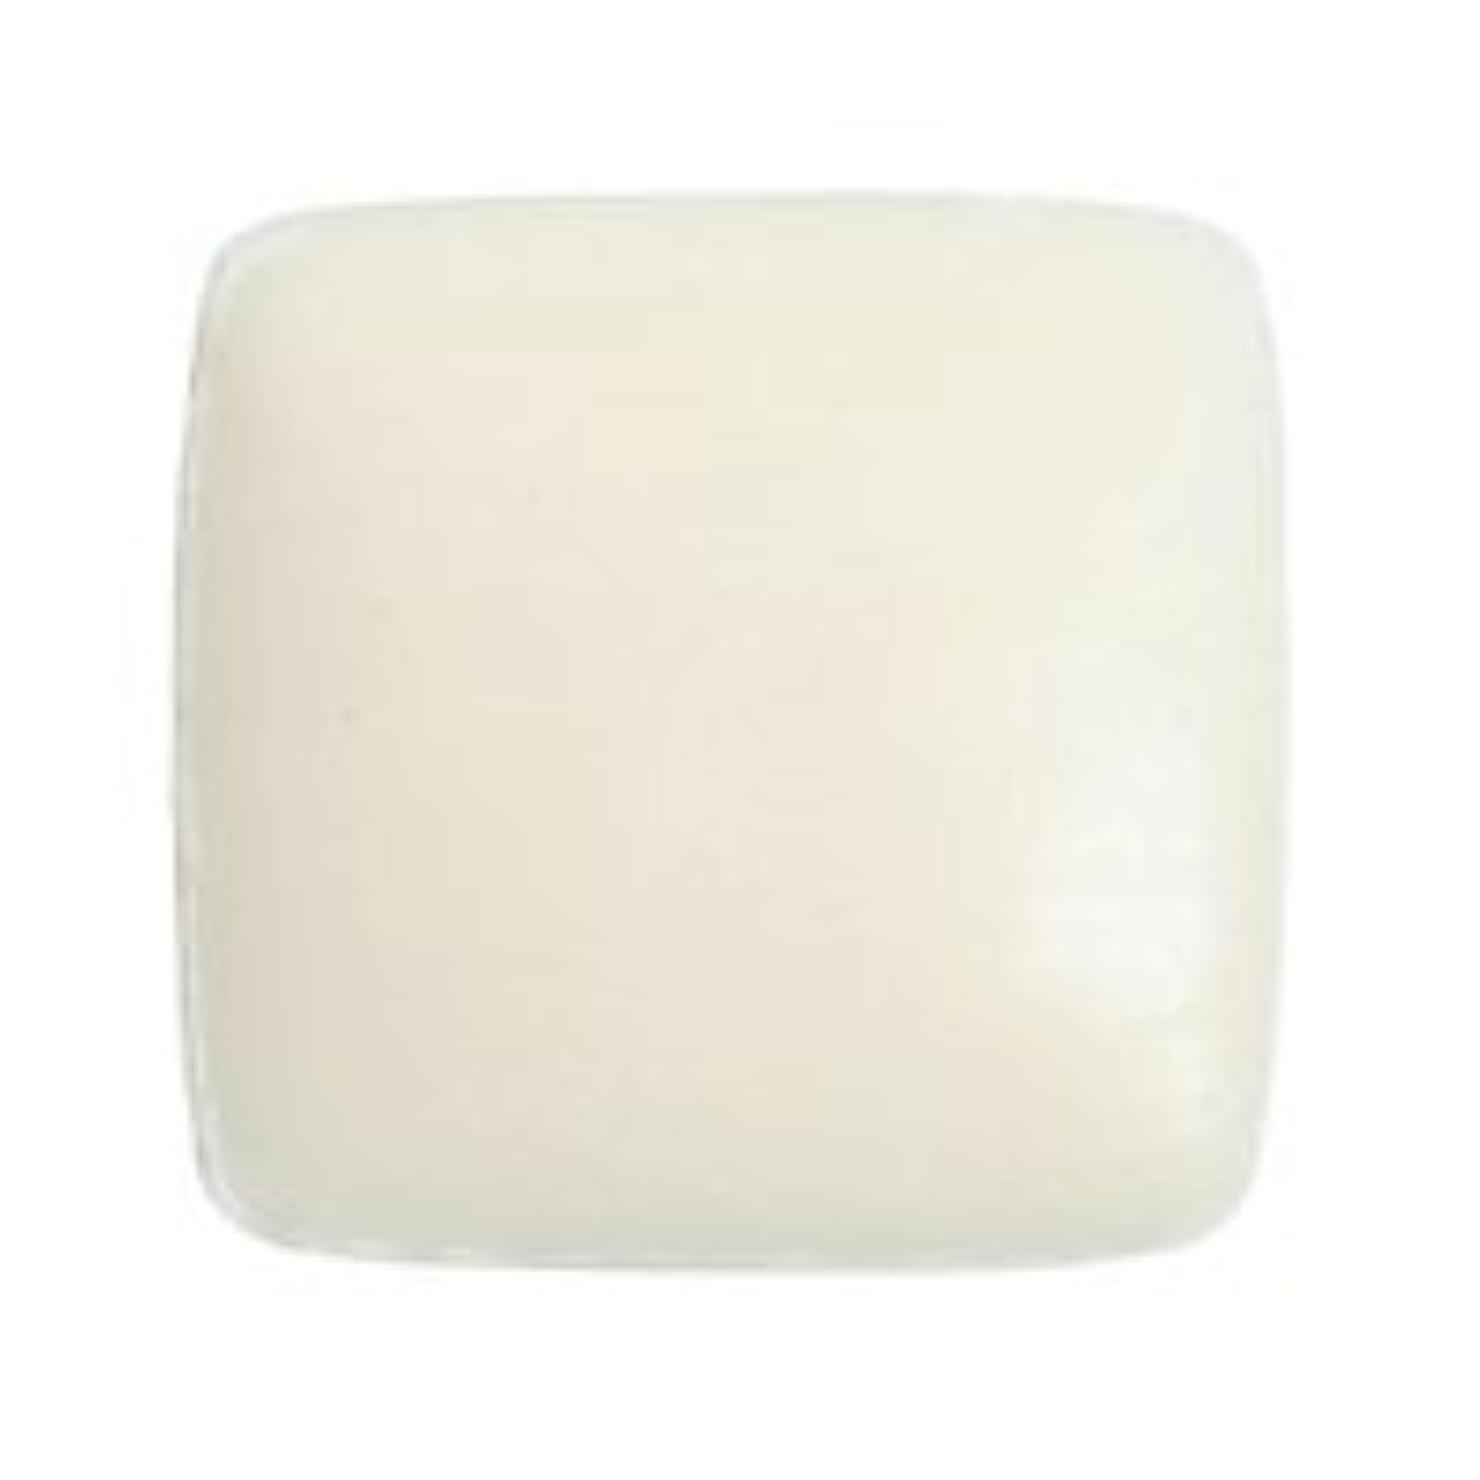 メンター竜巻属性ドクターY ホワイトクレイソープ80g 固形石鹸